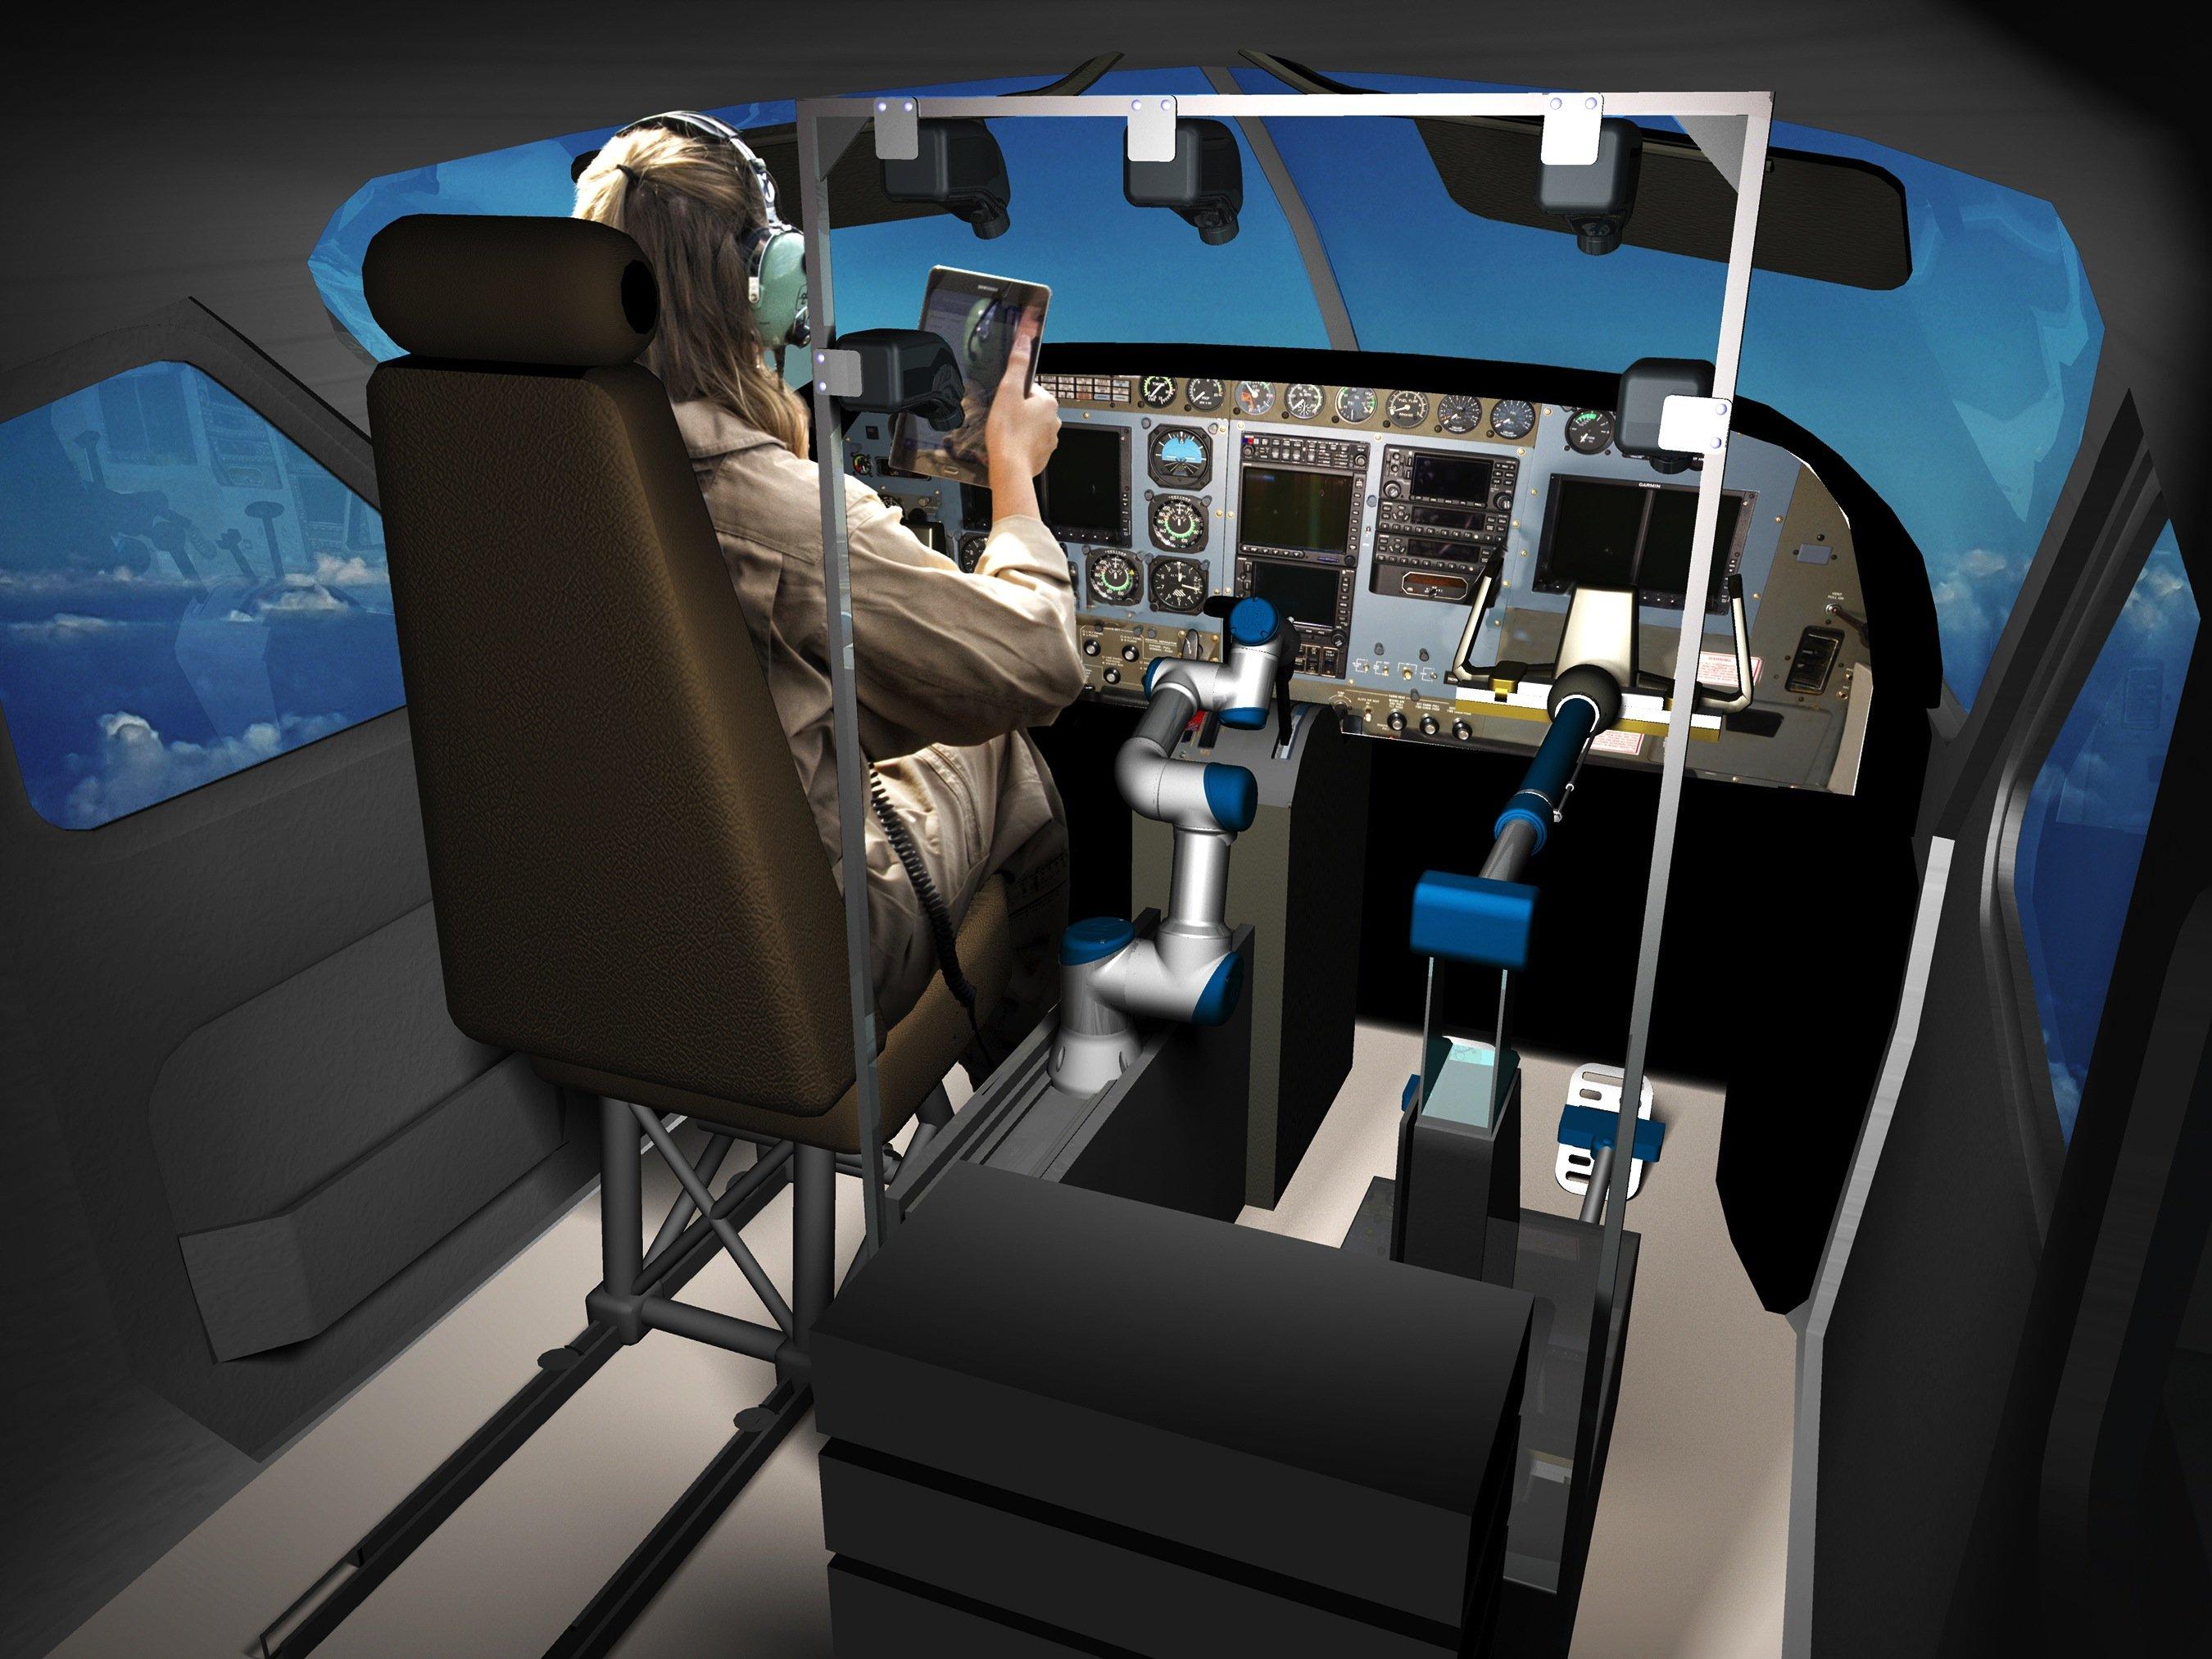 Bislang hat Roboter Alias verschiedene Flugzeugtypen im Simulator gesteuert, zuletzt eine Boeing 737. Aber auch in einer Cessna kommt er zurecht.